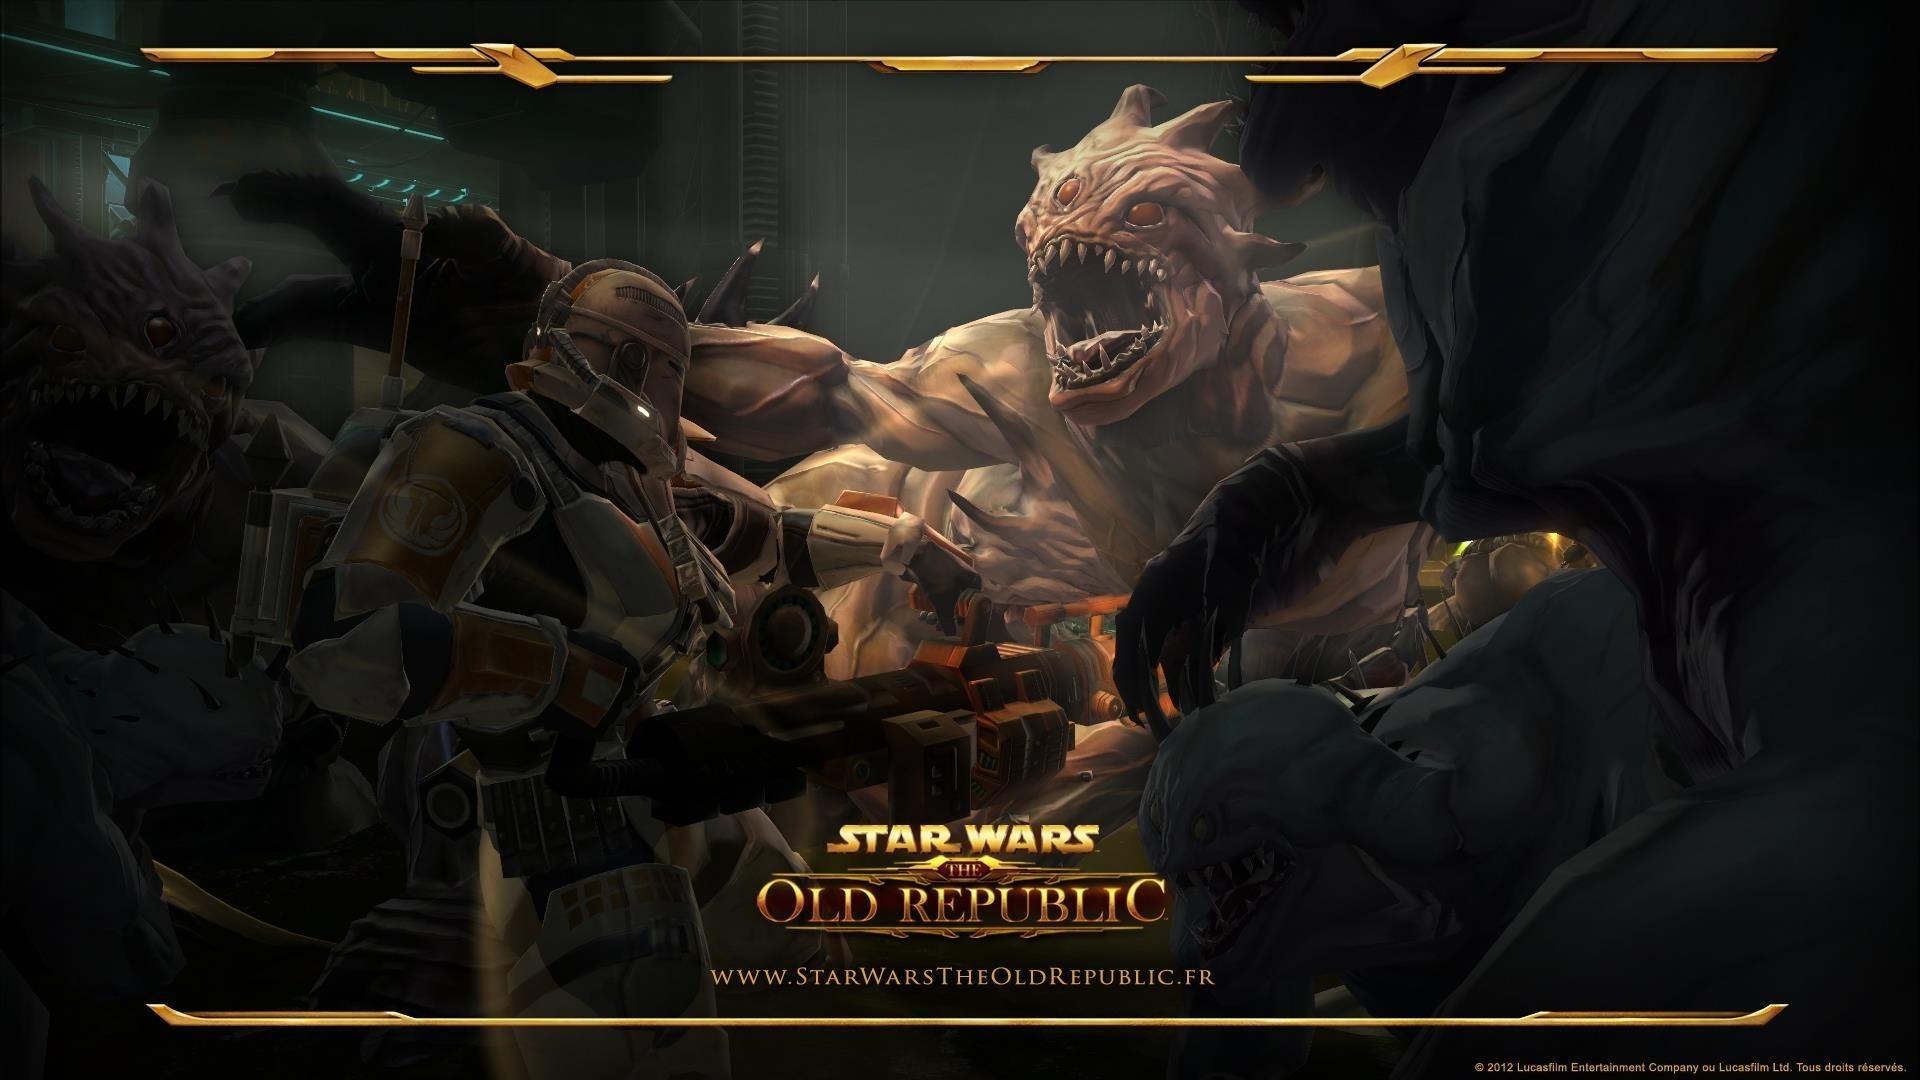 Wallpaper : Star Wars, Star Wars The Old Republic, darkness